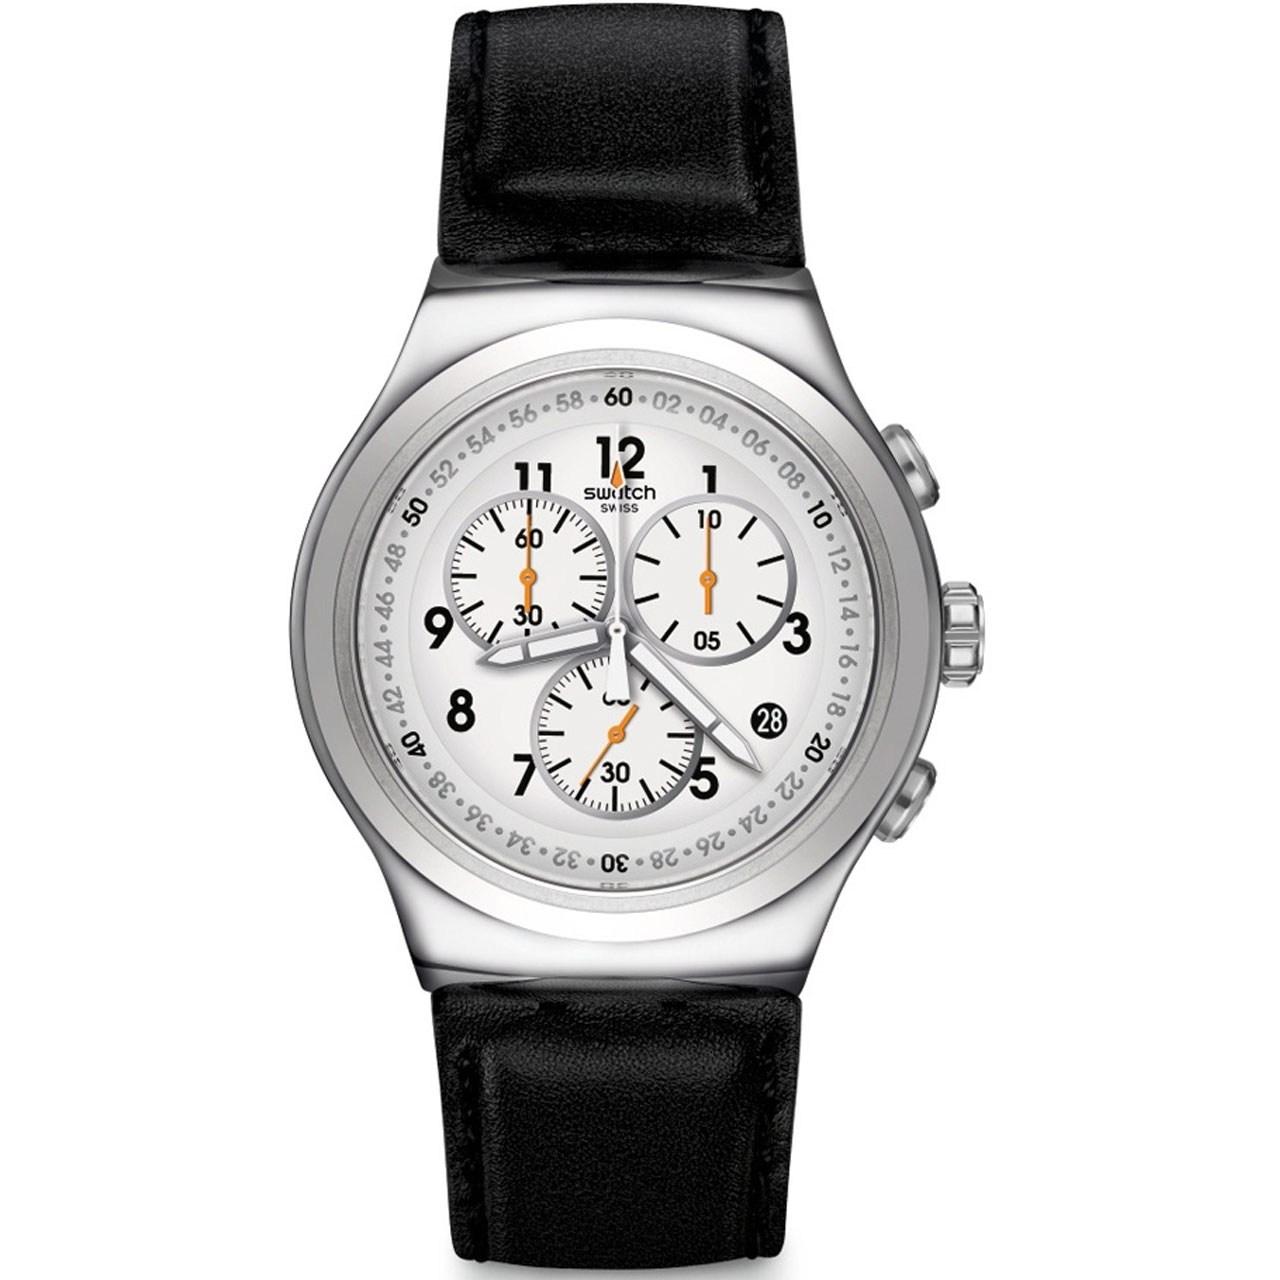 ساعت مچی عقربه ای مردانه سواچ مدل YOS451 46